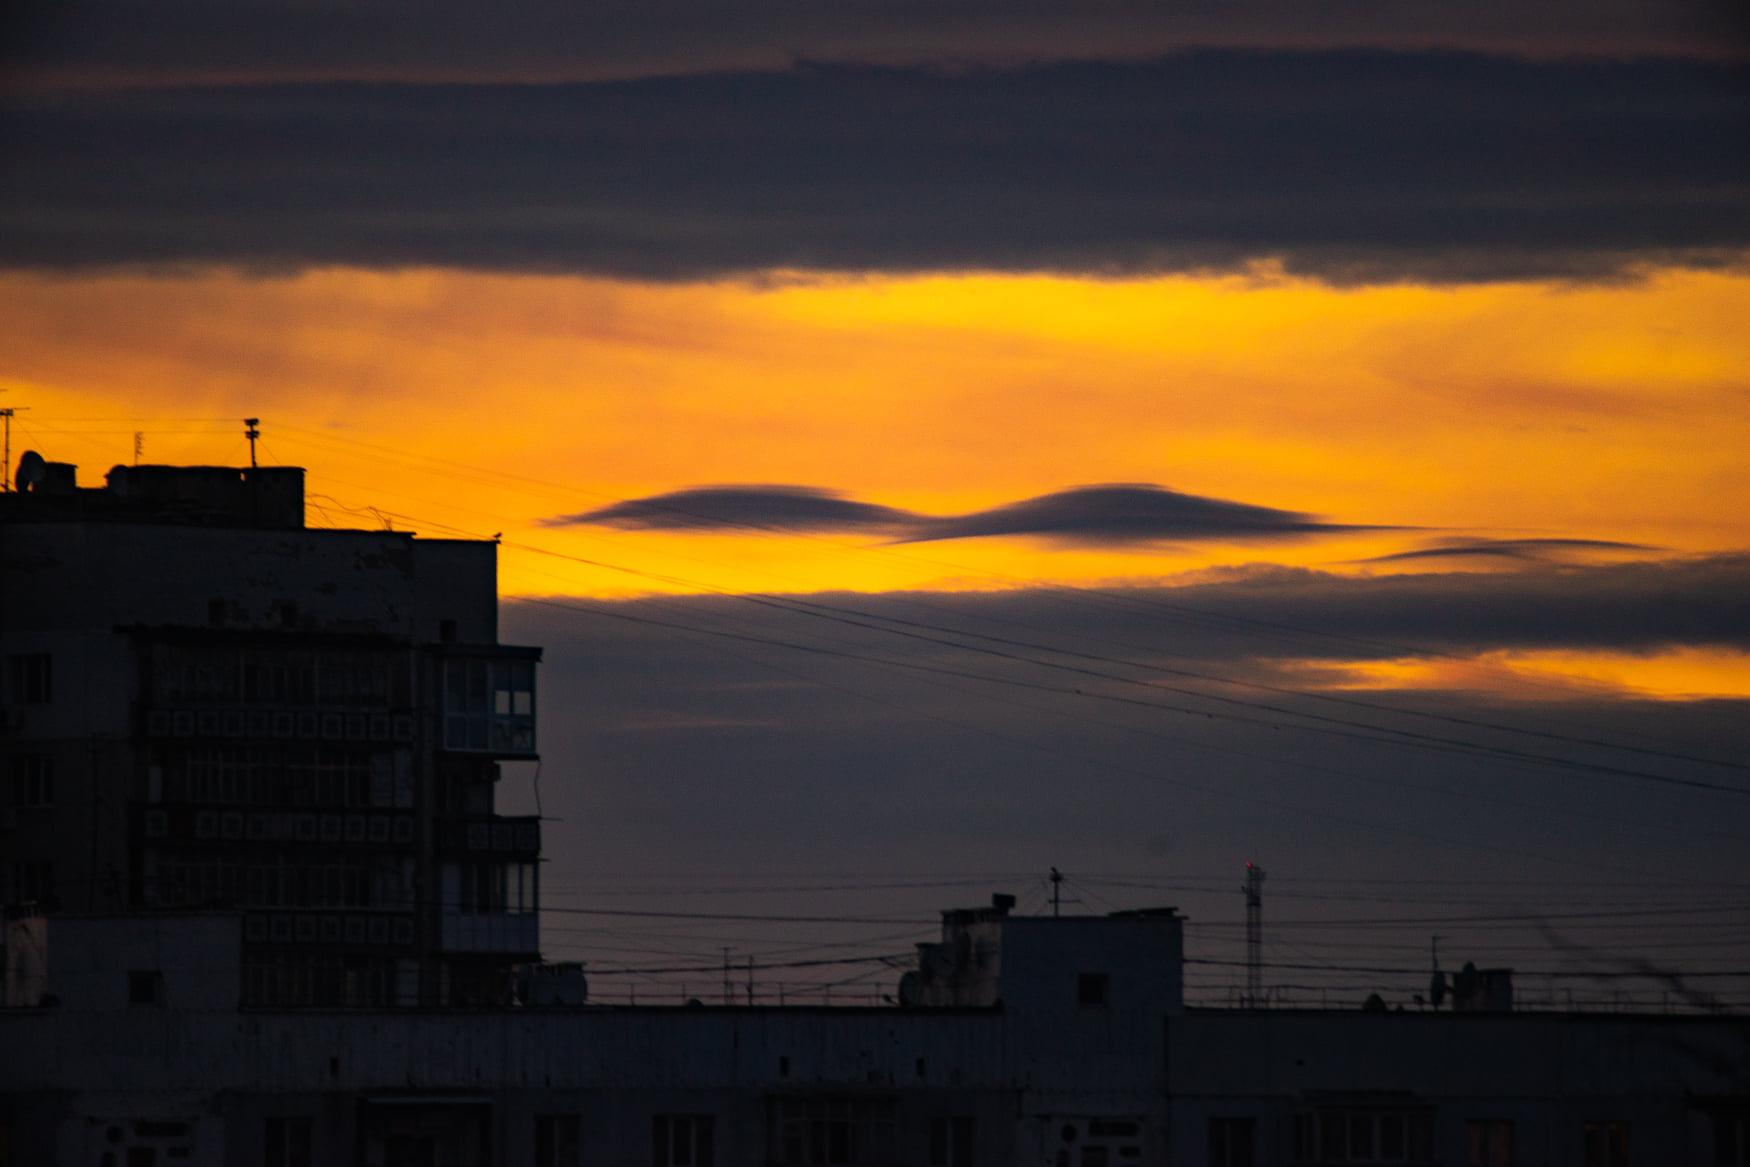 Закат 25 ноября 20202 года в Одессе. Фото: Andrey Nikolenko